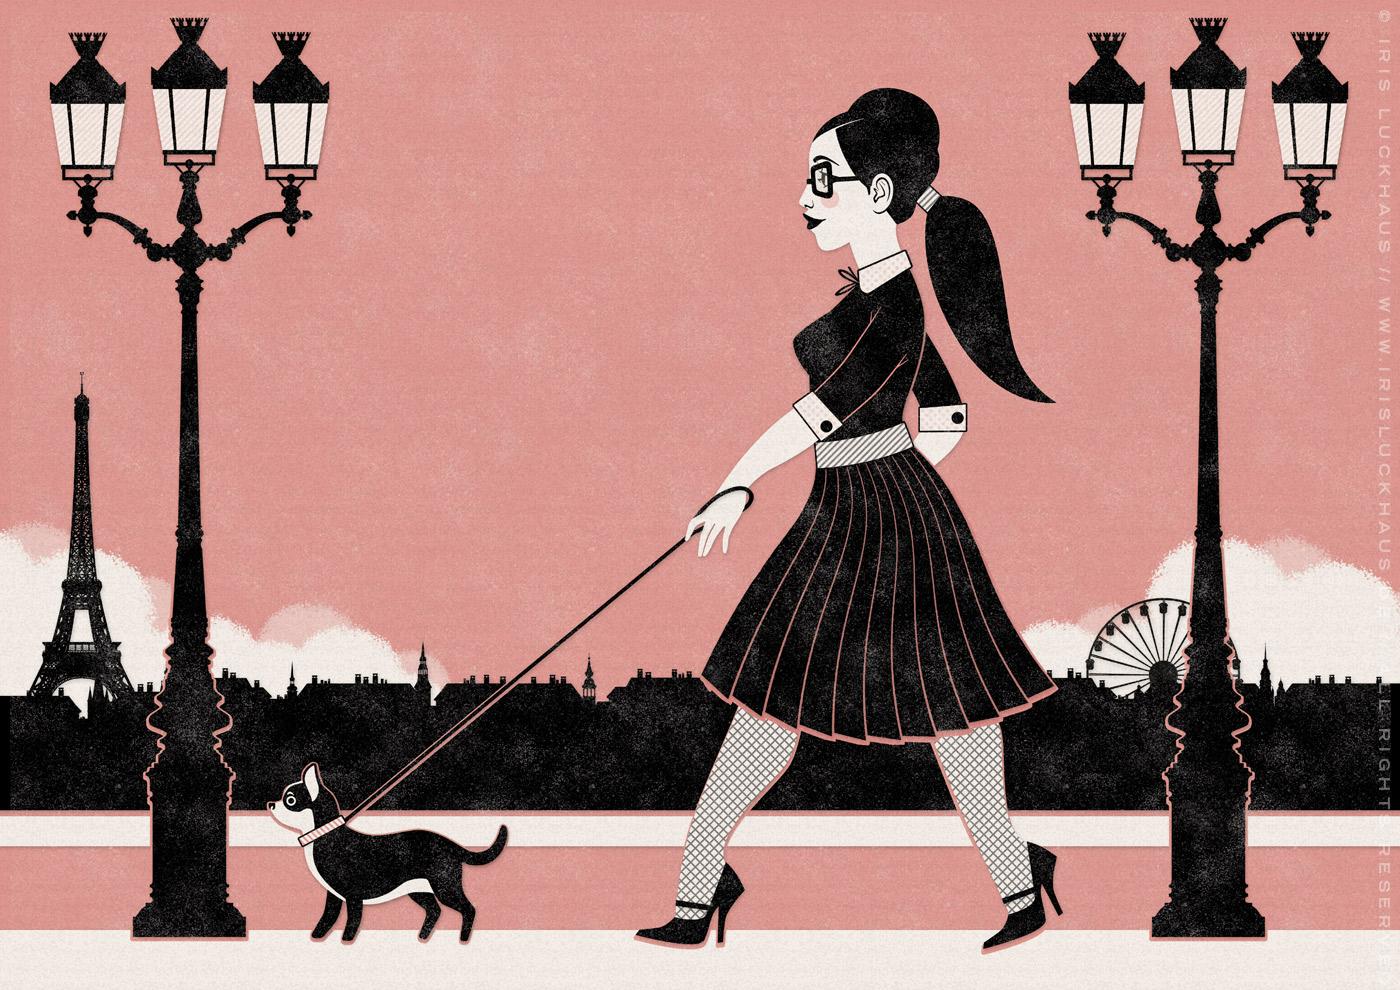 Retroparis Illustration eines Mädchens mit Brille beim Spaziergang mit ihrem kleinen Chichuahua Hund durch Paris im Siebdruck-Stil